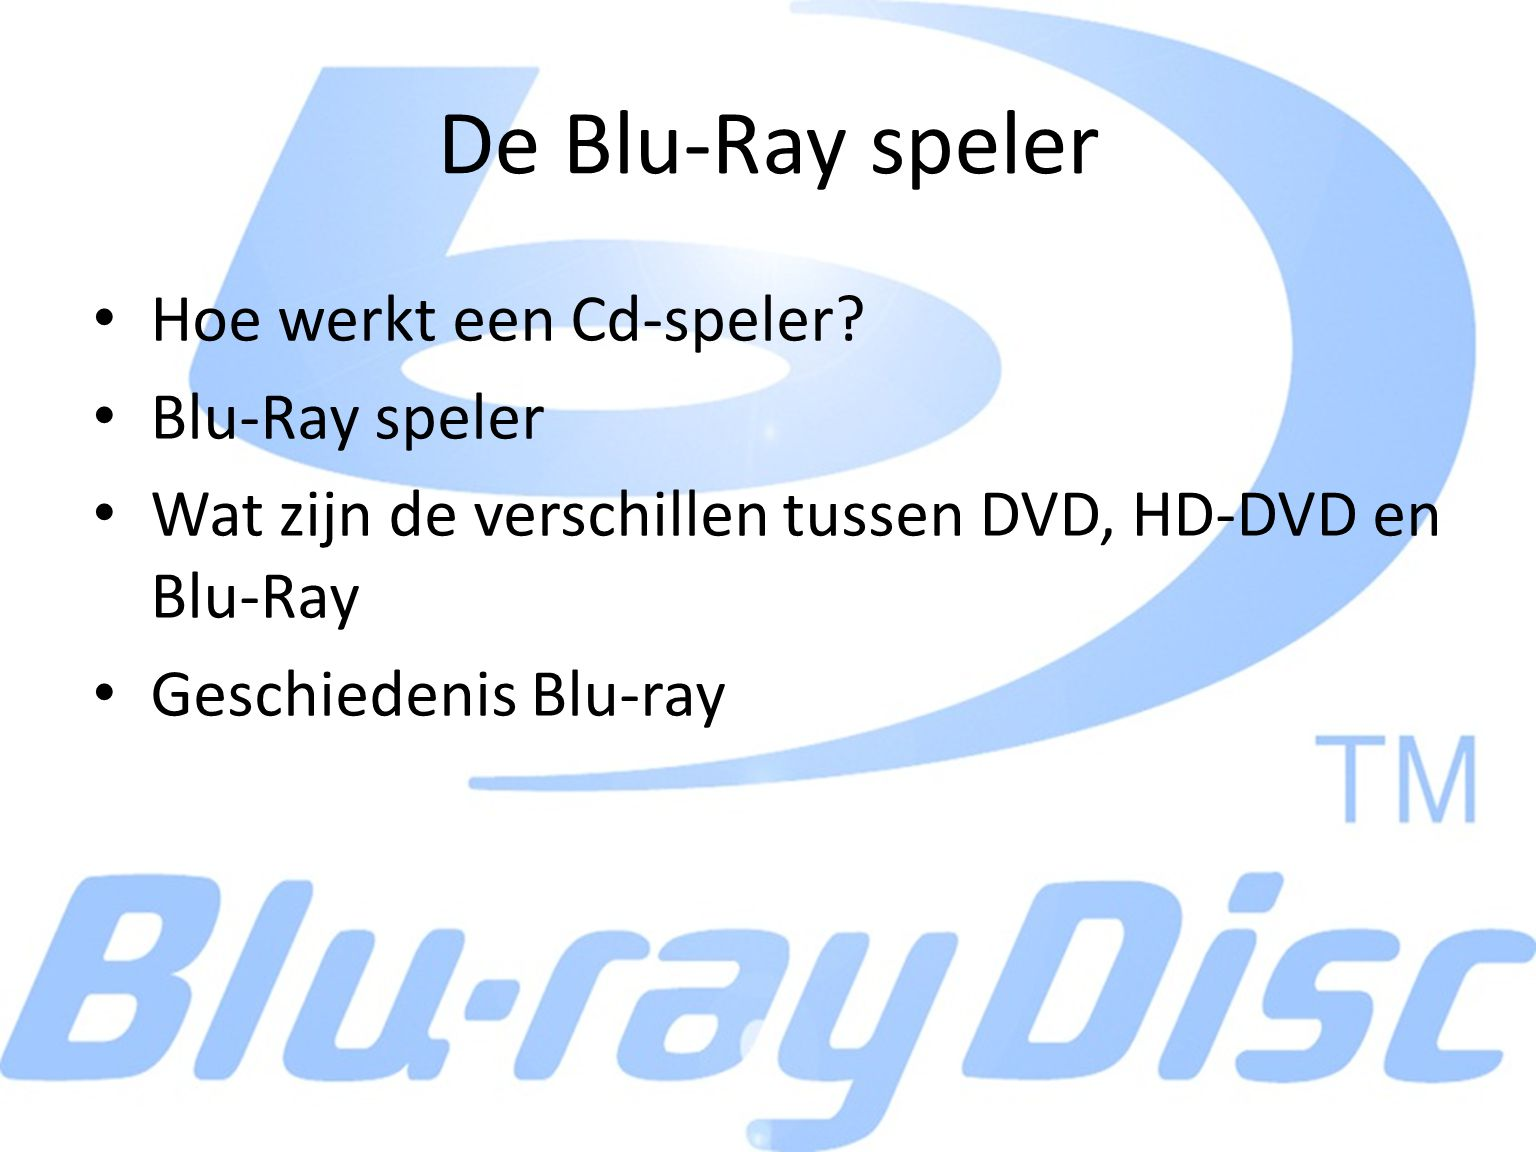 De Blu-Ray speler Hoe werkt een Cd-speler? Blu-Ray speler Wat zijn de verschillen tussen DVD, HD-DVD en Blu-Ray Geschiedenis Blu-ray